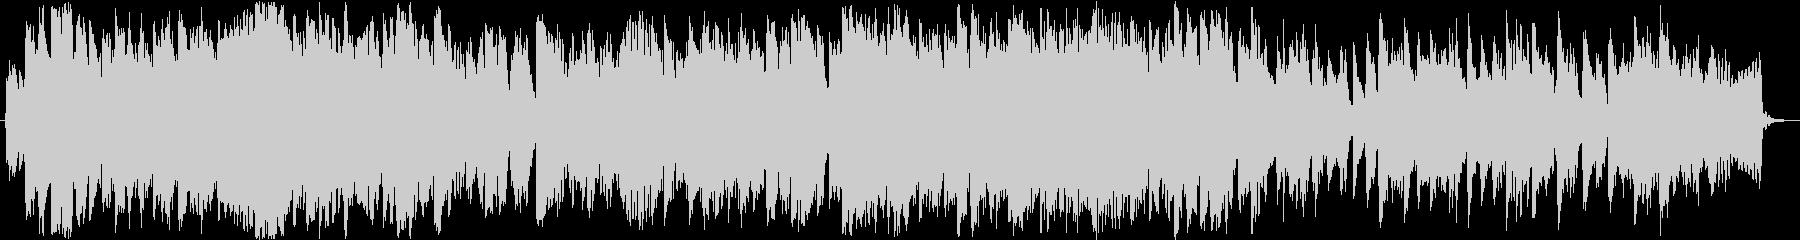 ピアノ フルート 優しい エンディングの未再生の波形